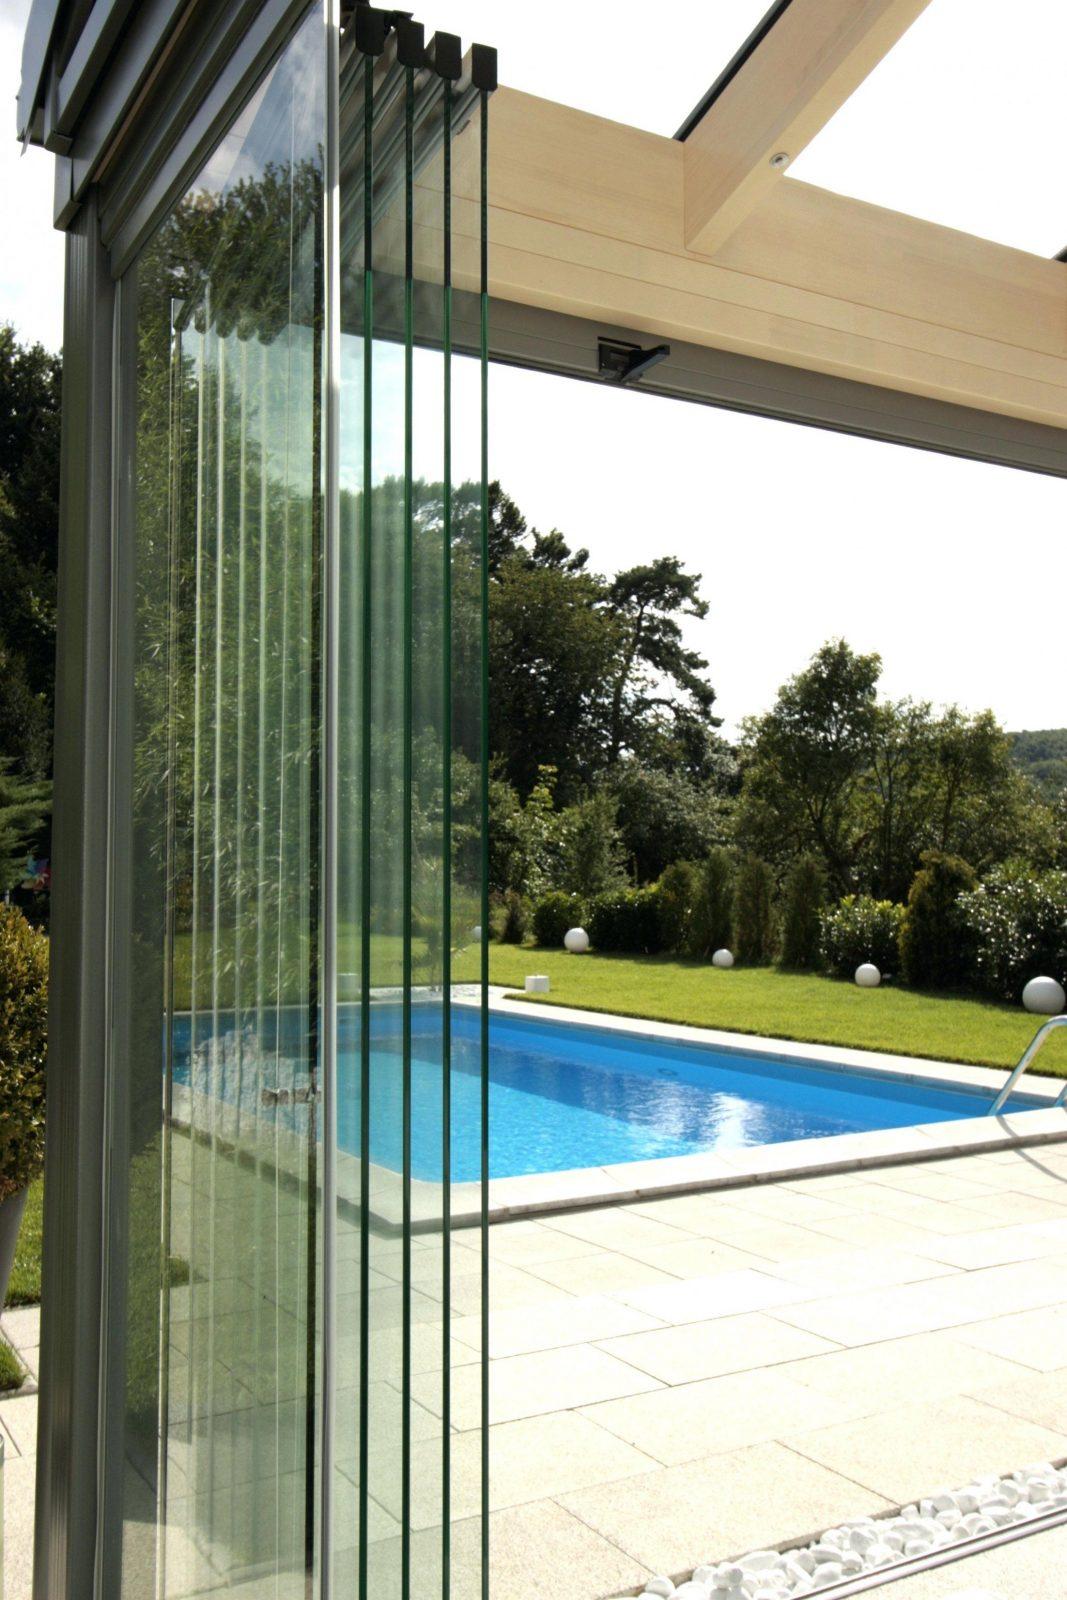 Glaswand Terrasse Sthetische Windschutz Terrasse Glas Frisch von Windschutz Für Terrasse Aus Glas Bild